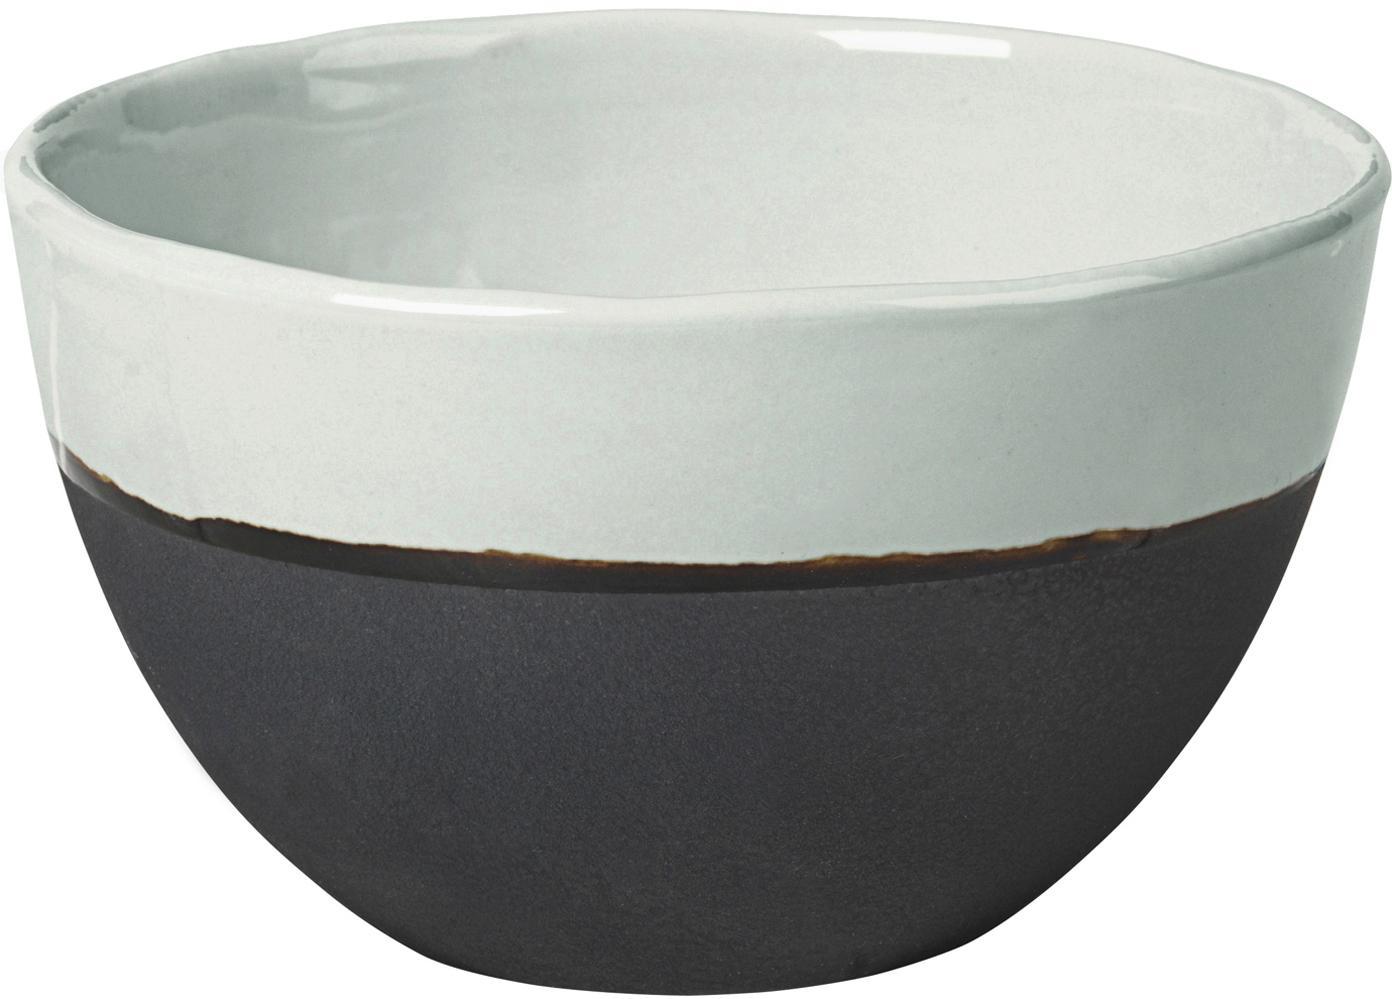 Ręcznie wykonana miska Esrum, 4 szt., Odcienie kości słoniowej, szarobrązowy, Ø 14 x W 9 cm